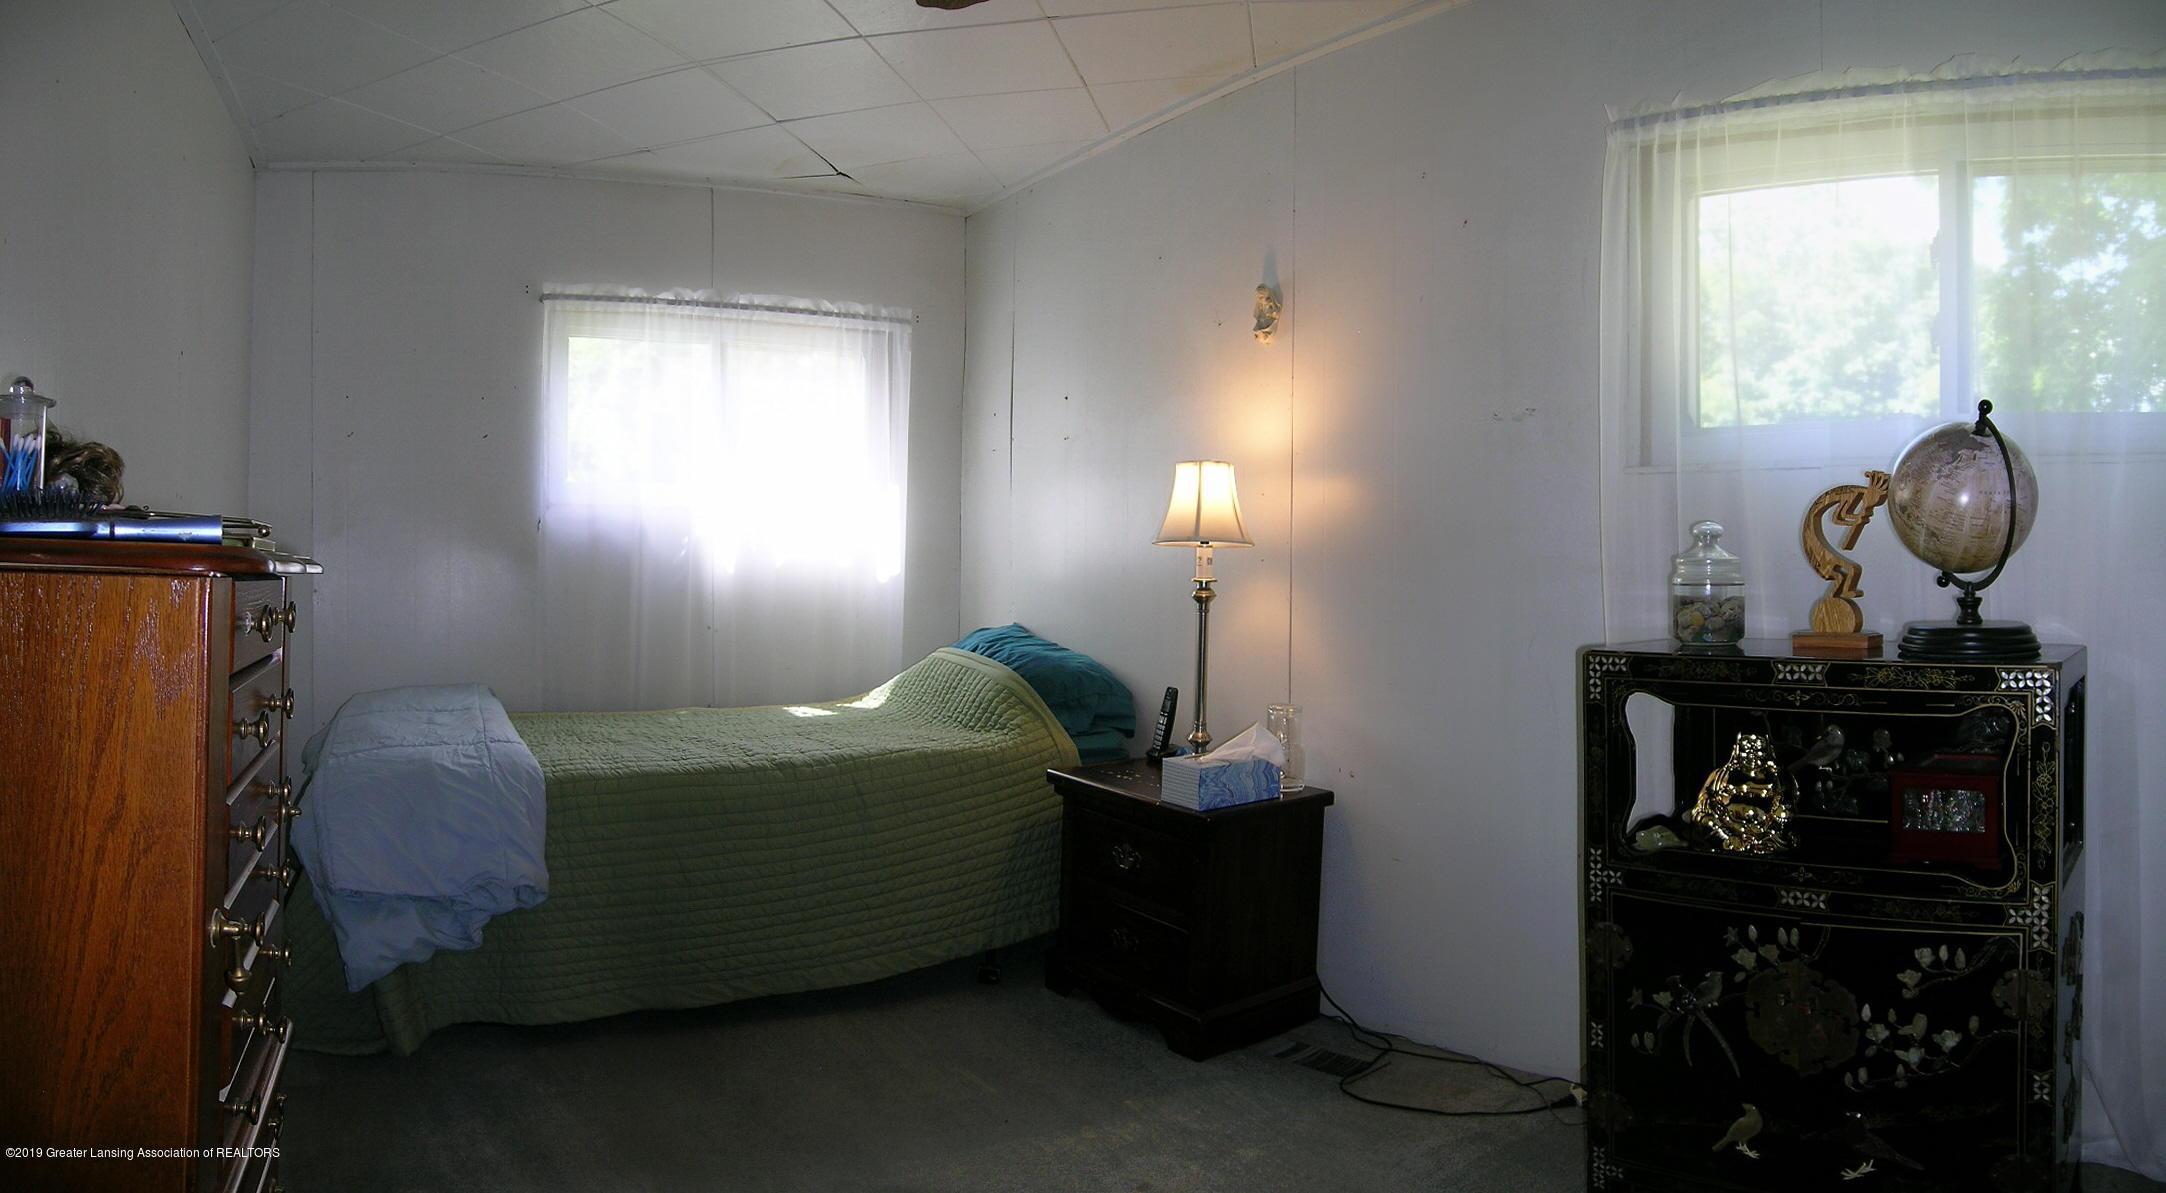 413 W Shepherd St - 8 Bedroom 1 - 8